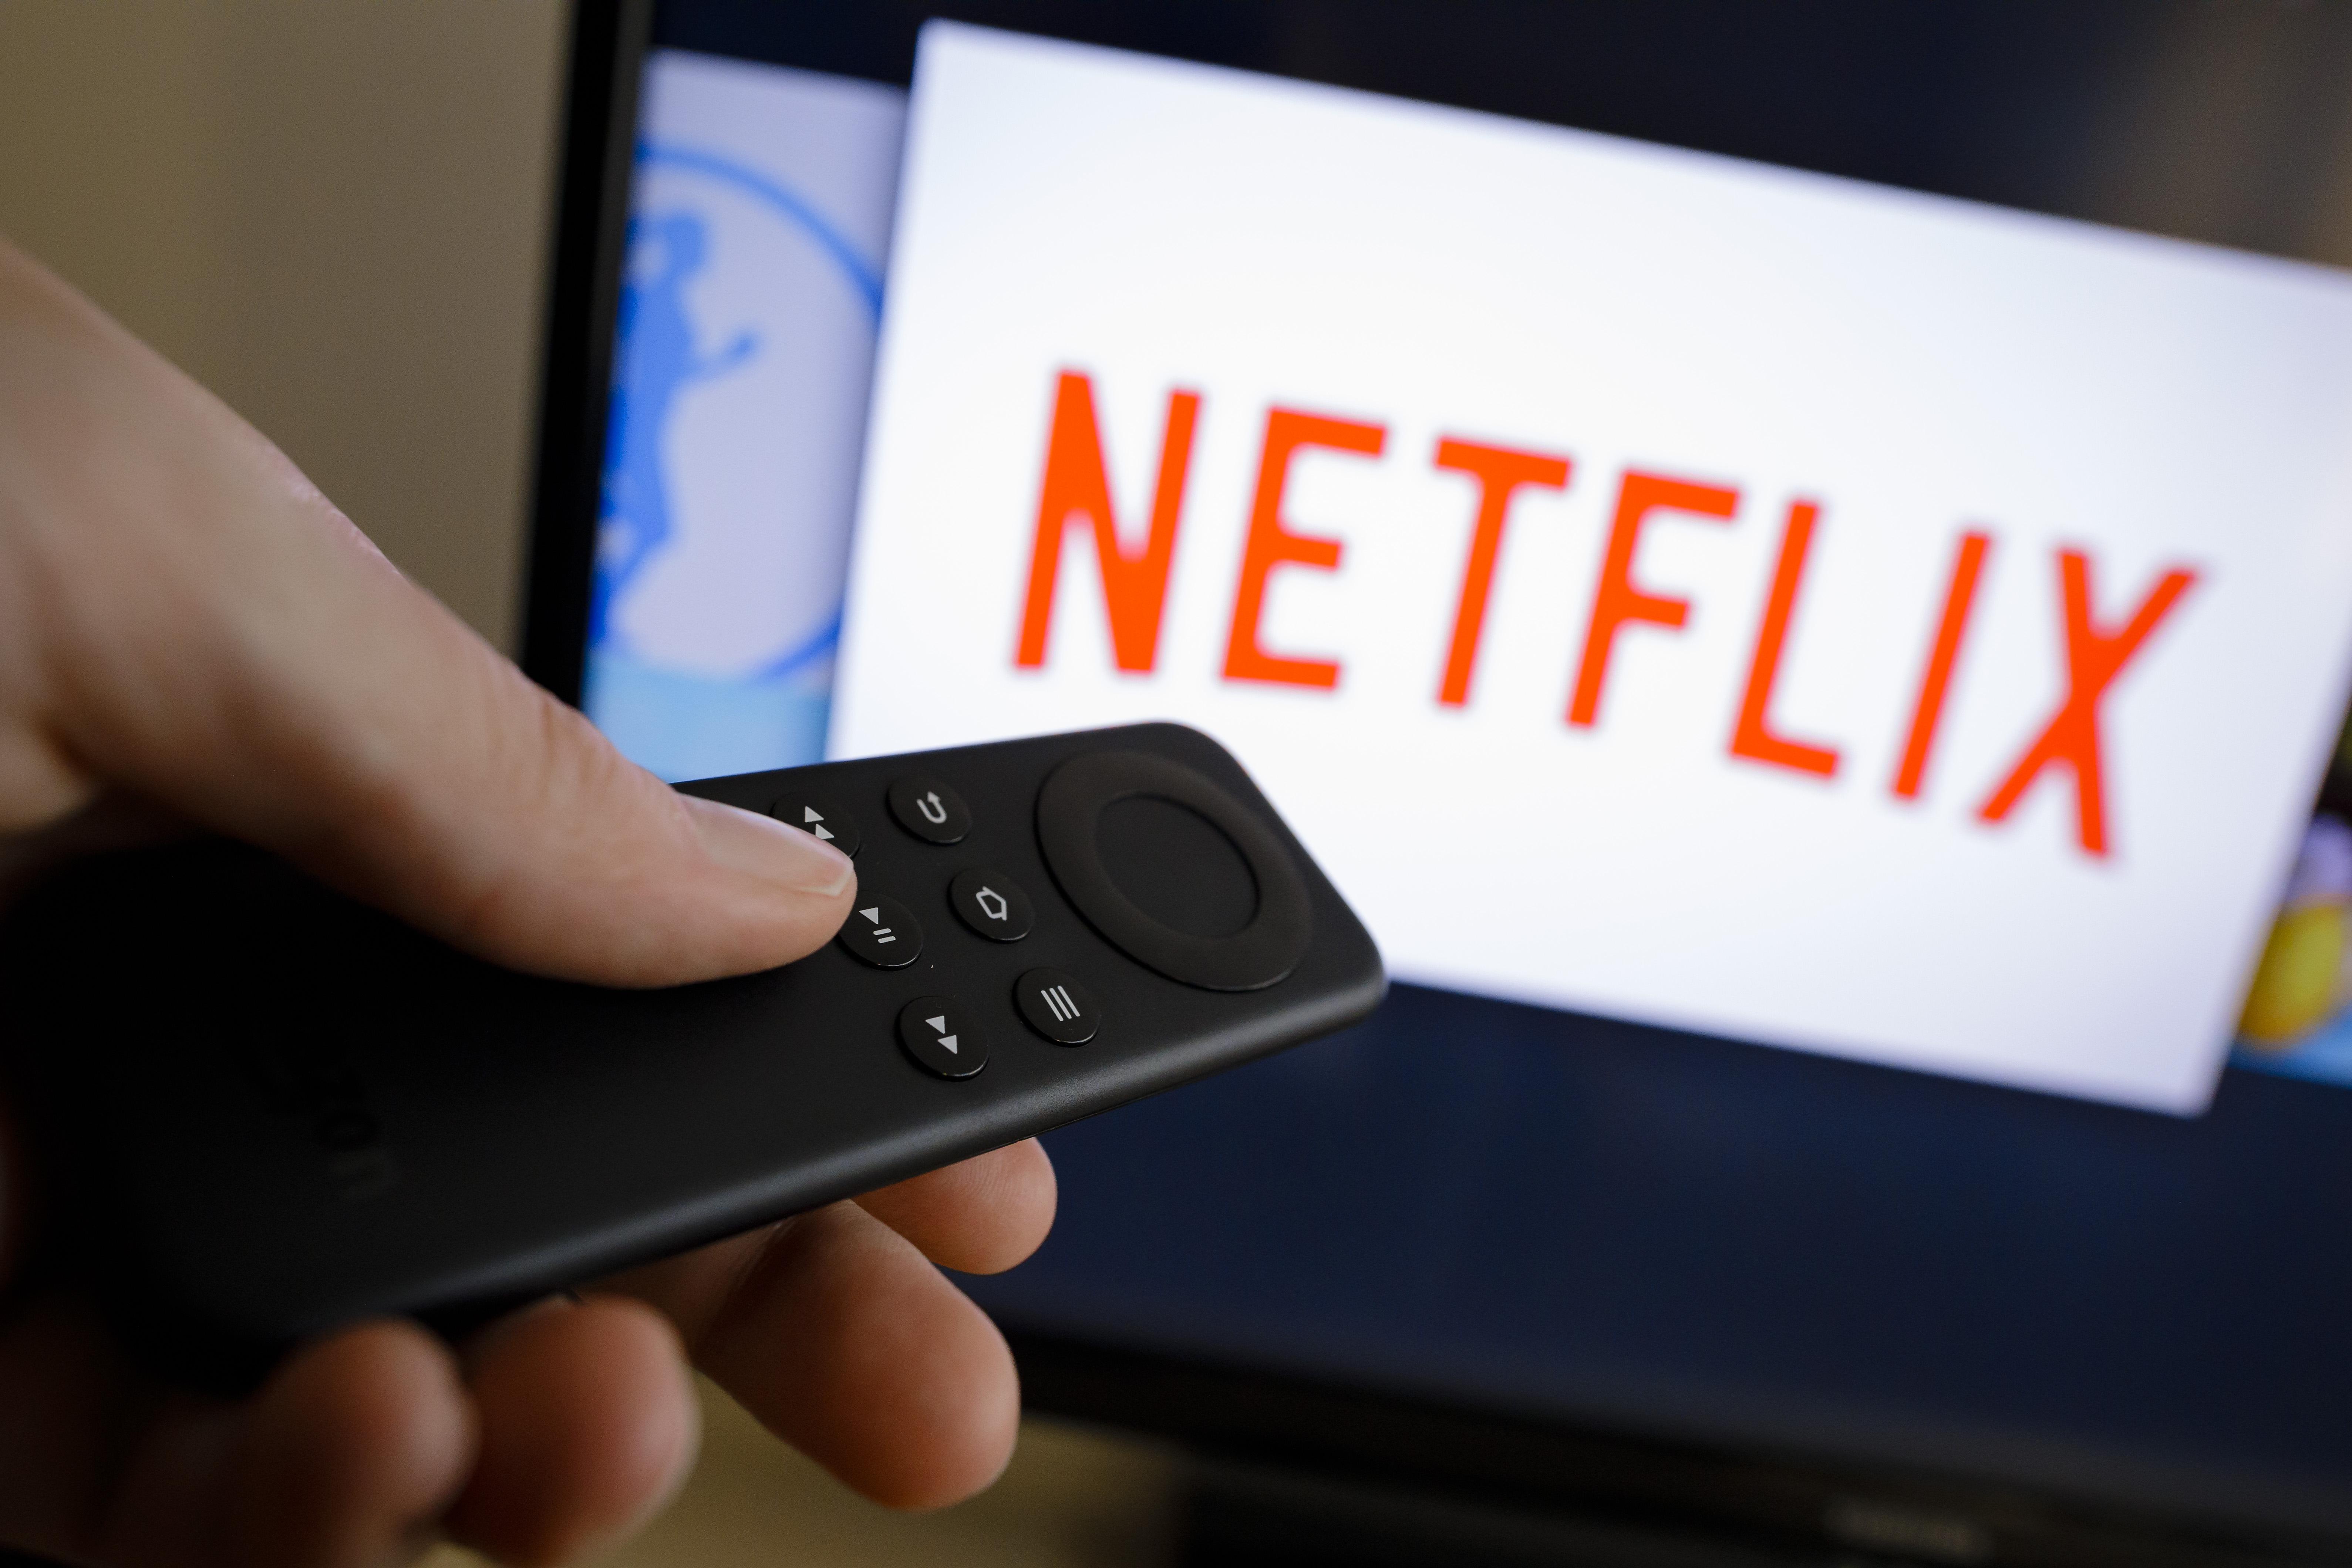 Storitev Netflix naj bi se kmalu podražila tudi pri nas.